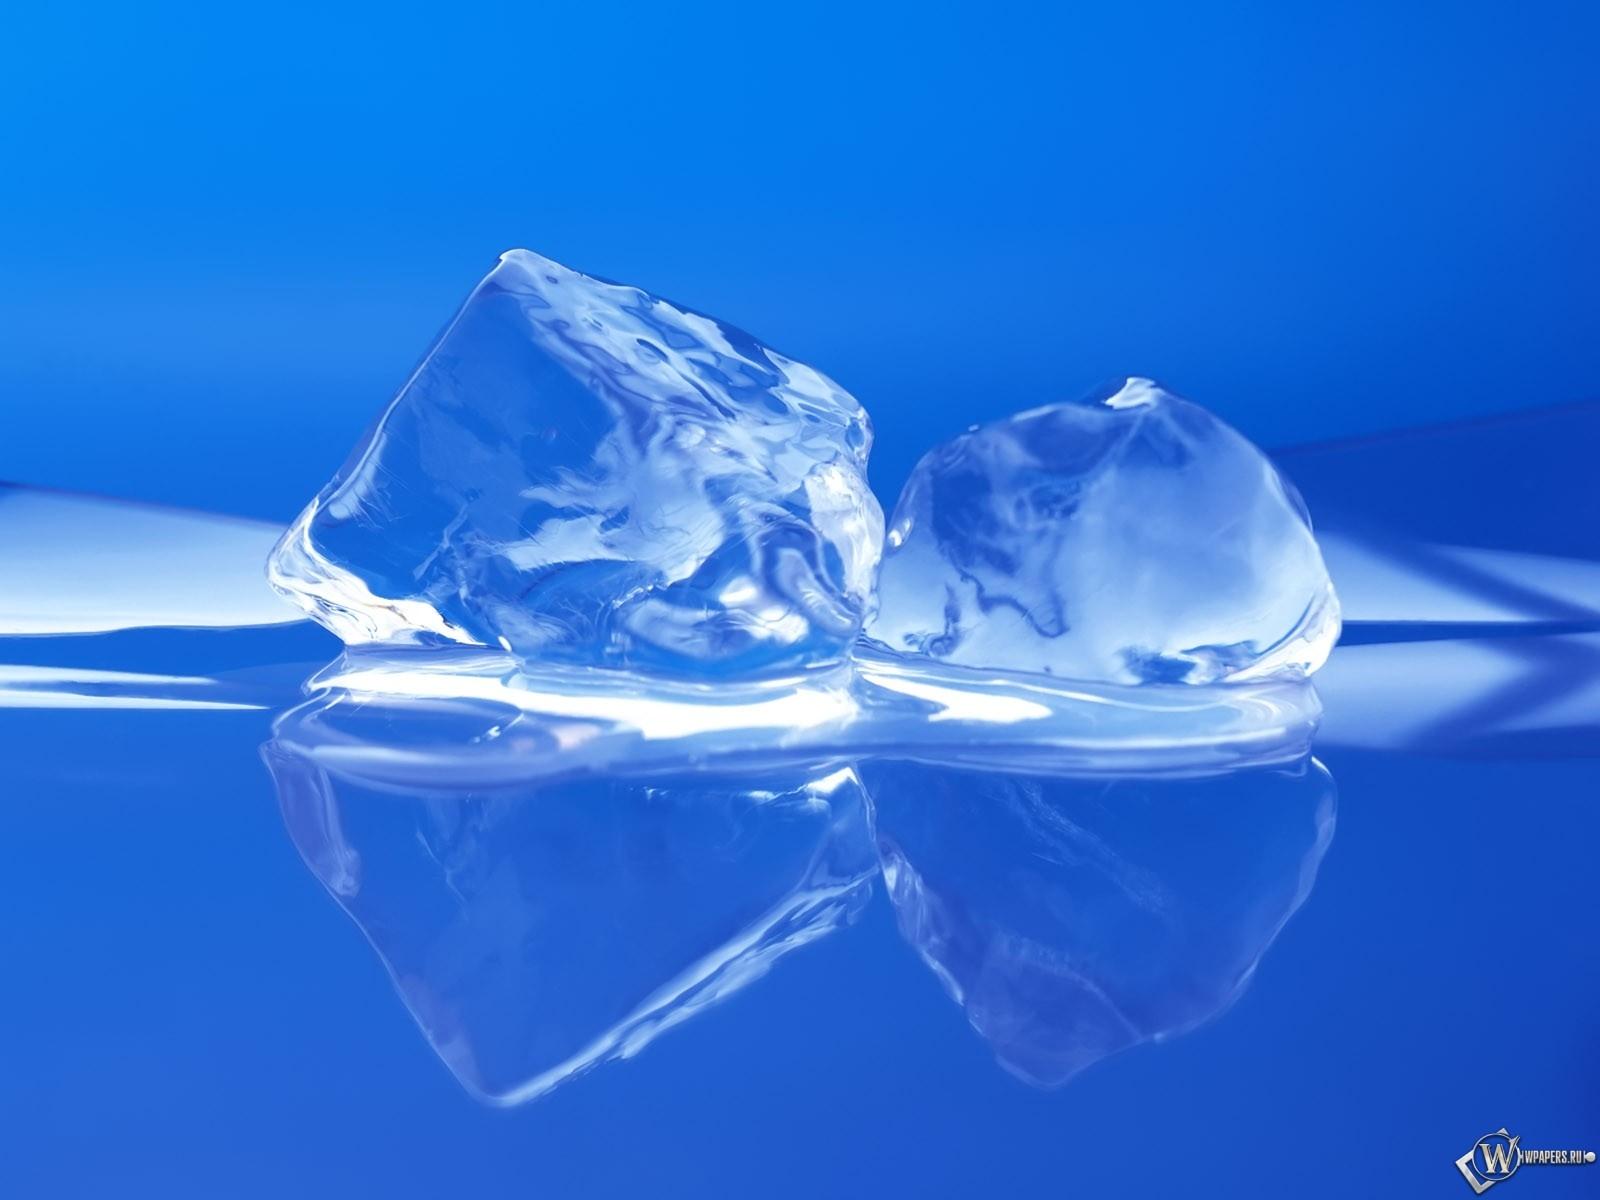 Два кусочка льда 1600x1200